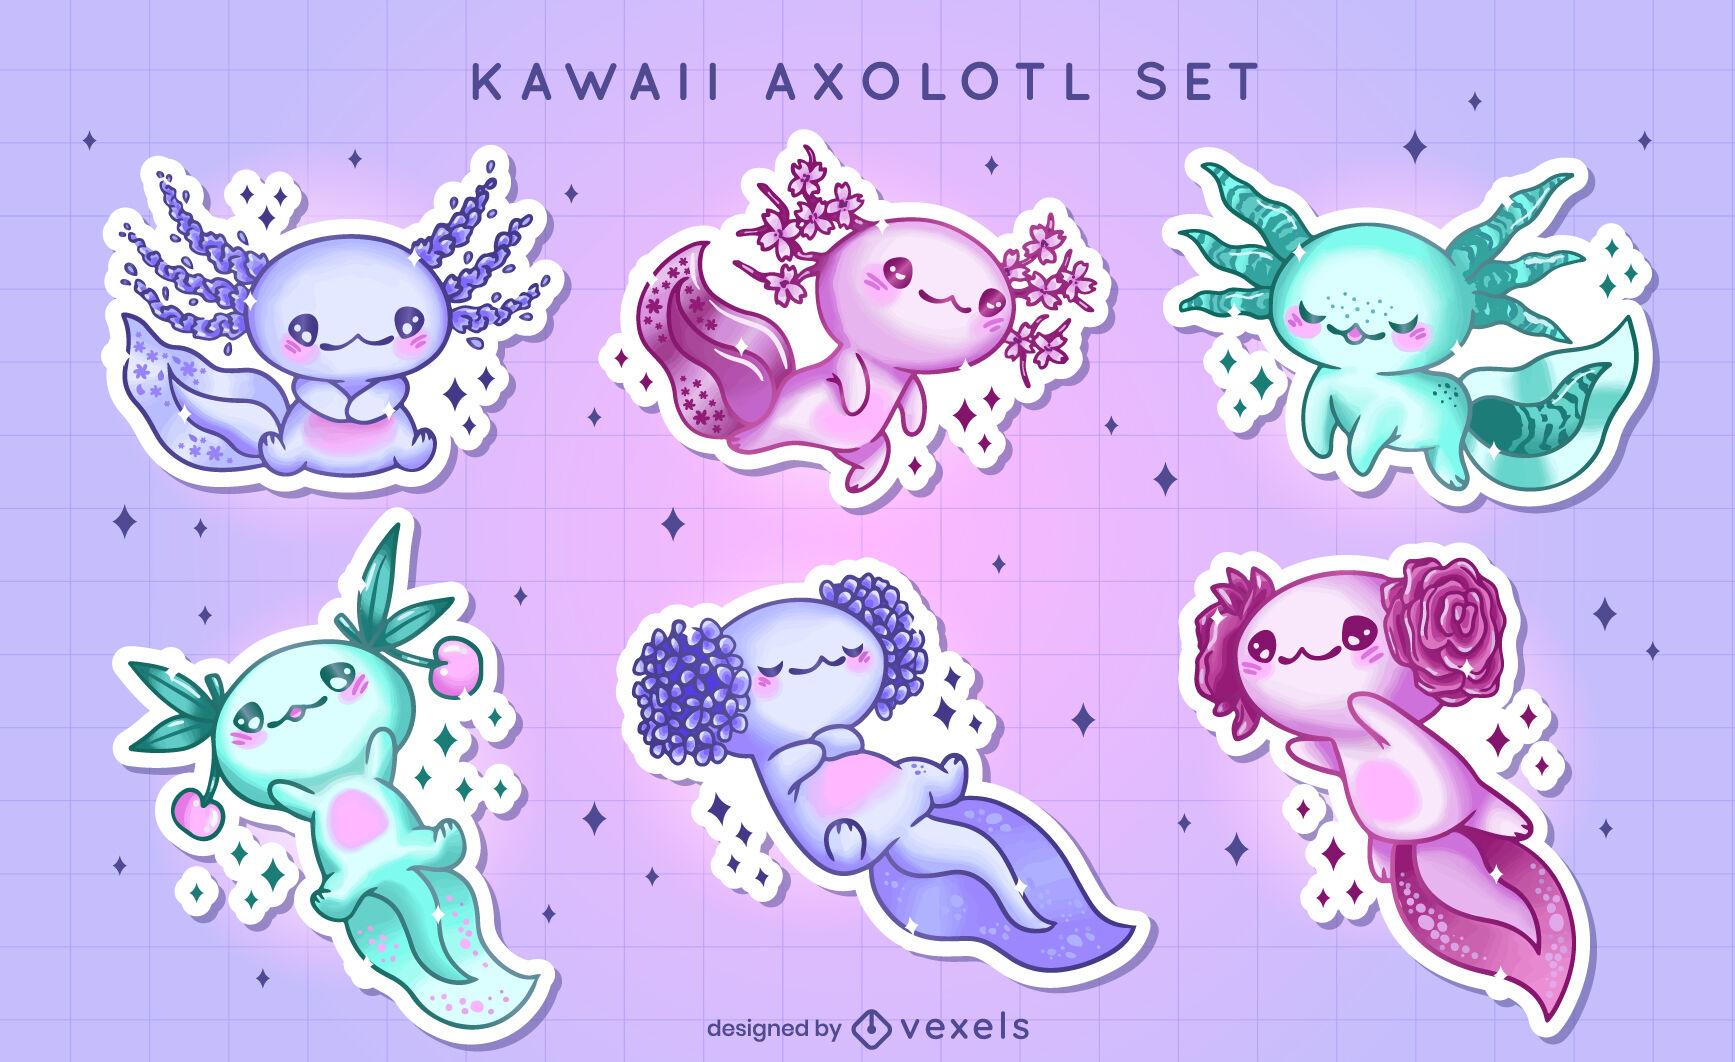 Conjunto de adesivos axolotl Kawaii